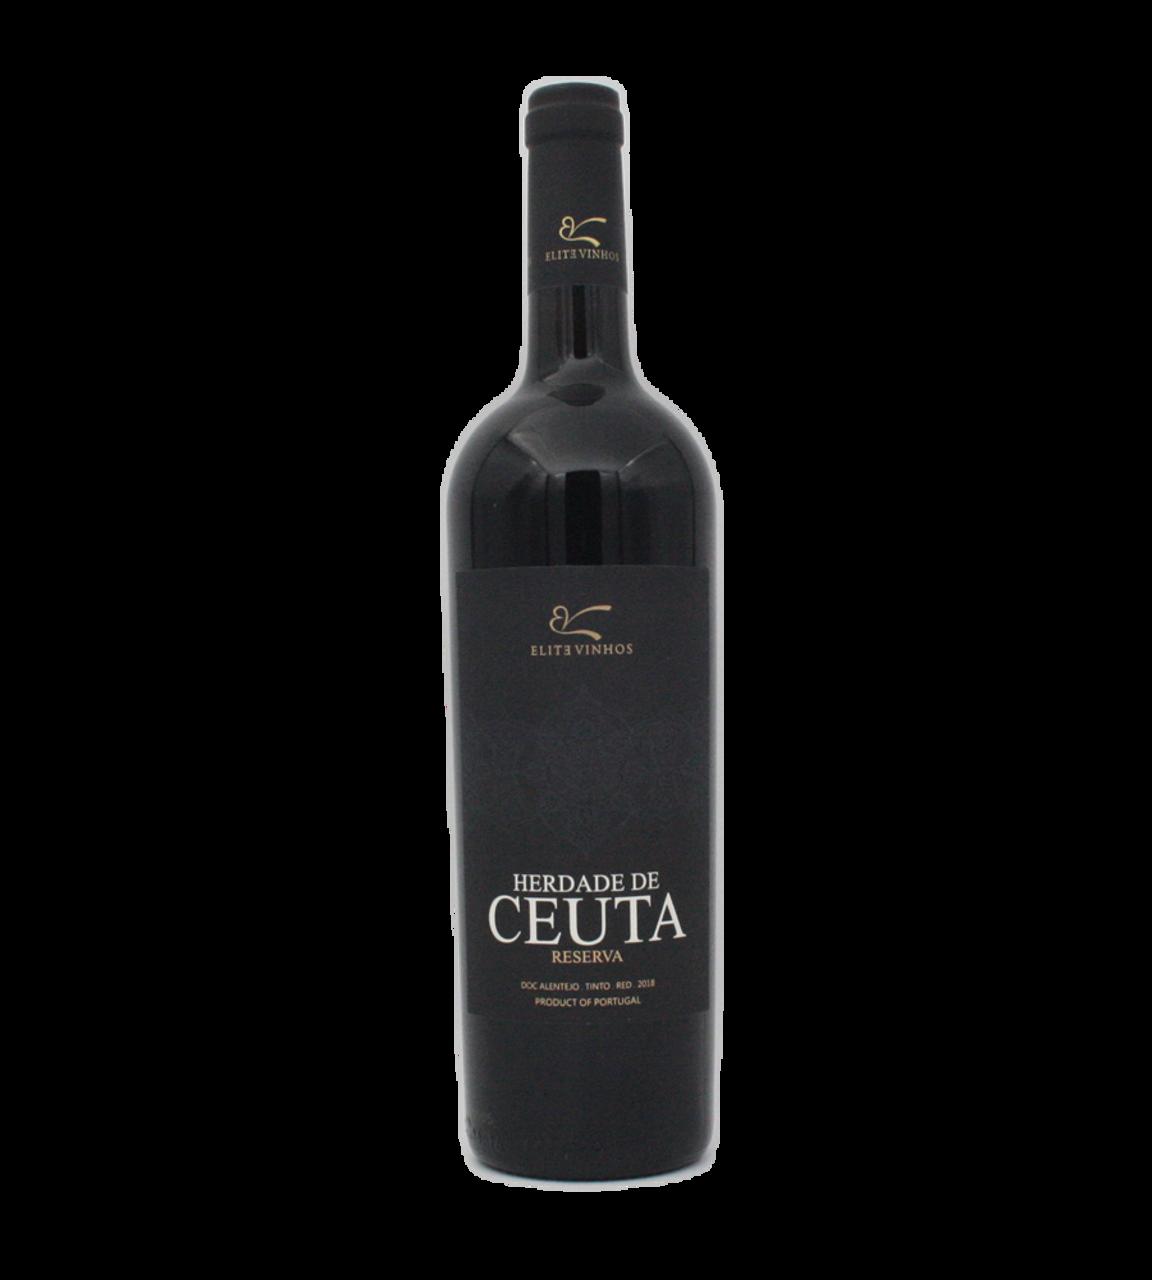 Herdade de Ceuta Reserva Tinto Herdade de Ceuta Reserva Red 2018 2018